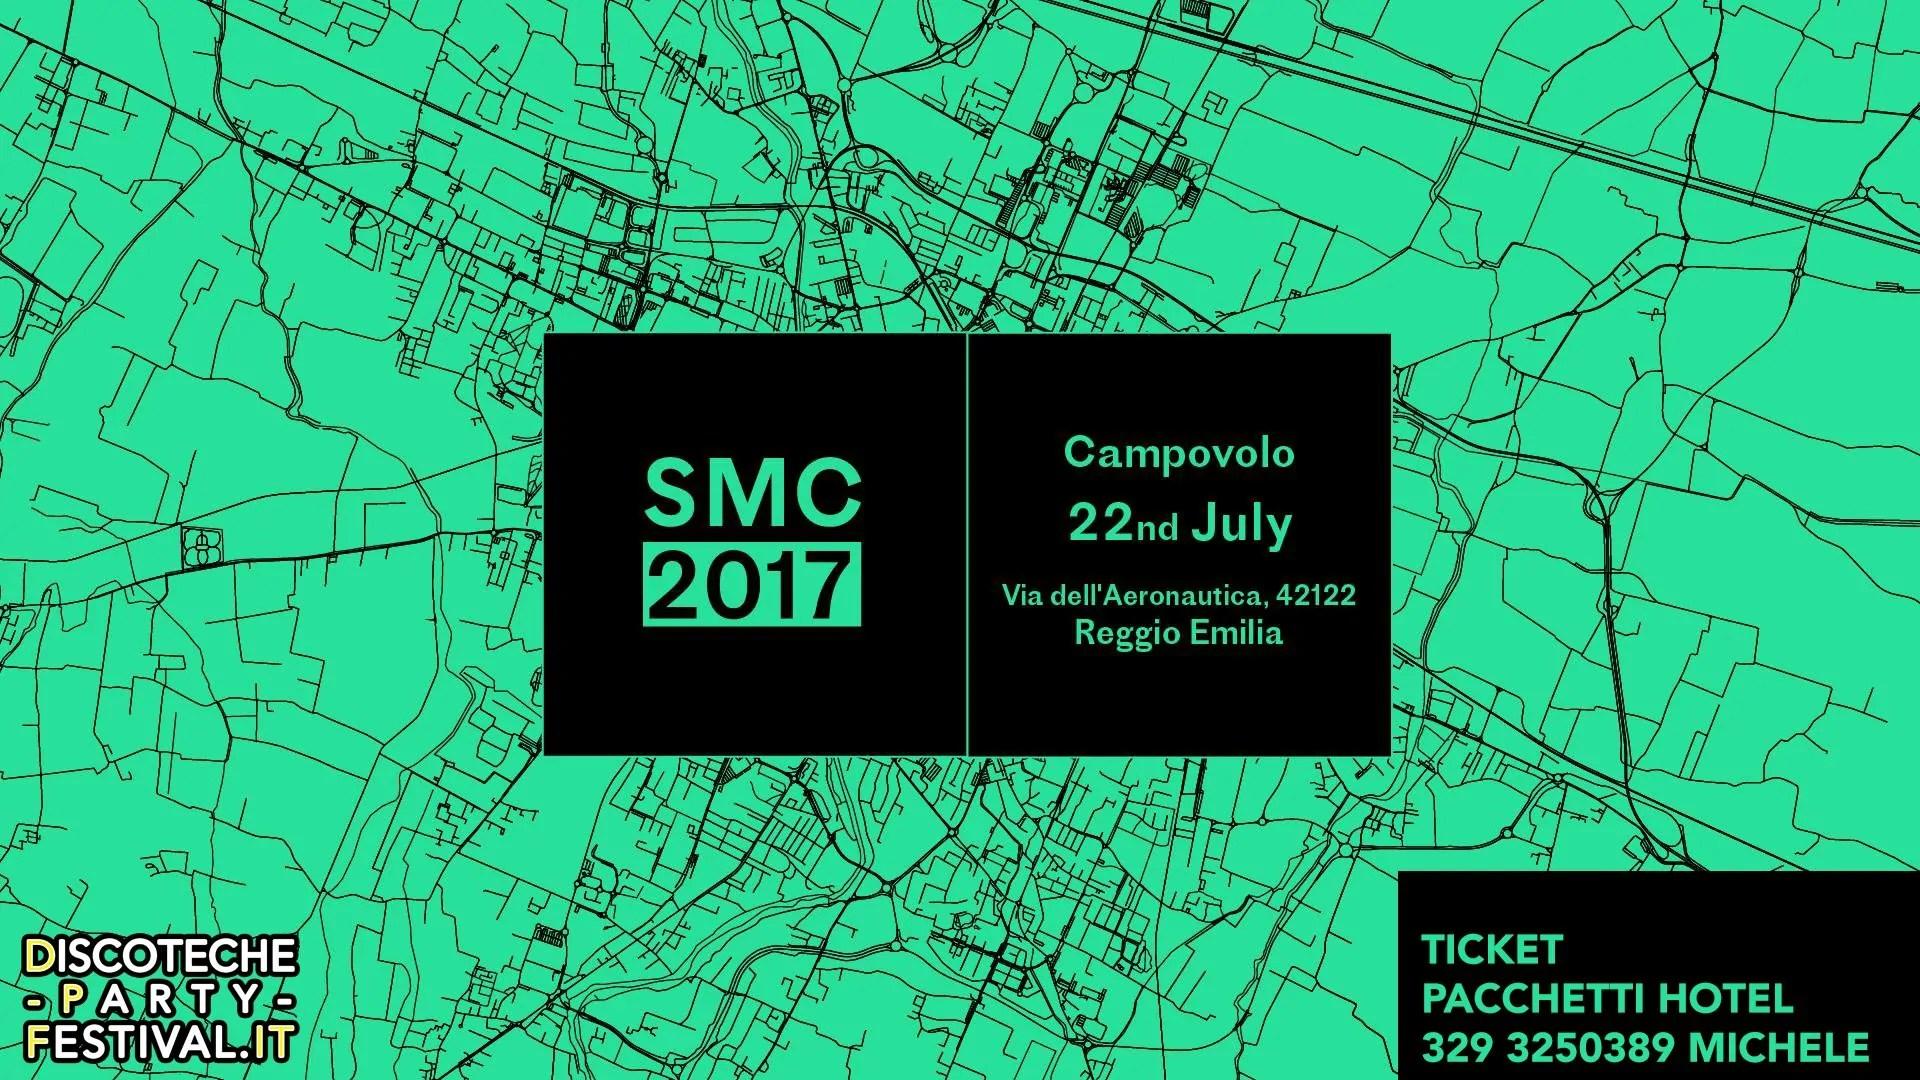 SOCIAL MUSIC CITY CAMPOVOLO Reggio Emilia 22 Luglio 2017 Ticket – Prevendite – biglietti Tavoli + Pacchetti Hotel